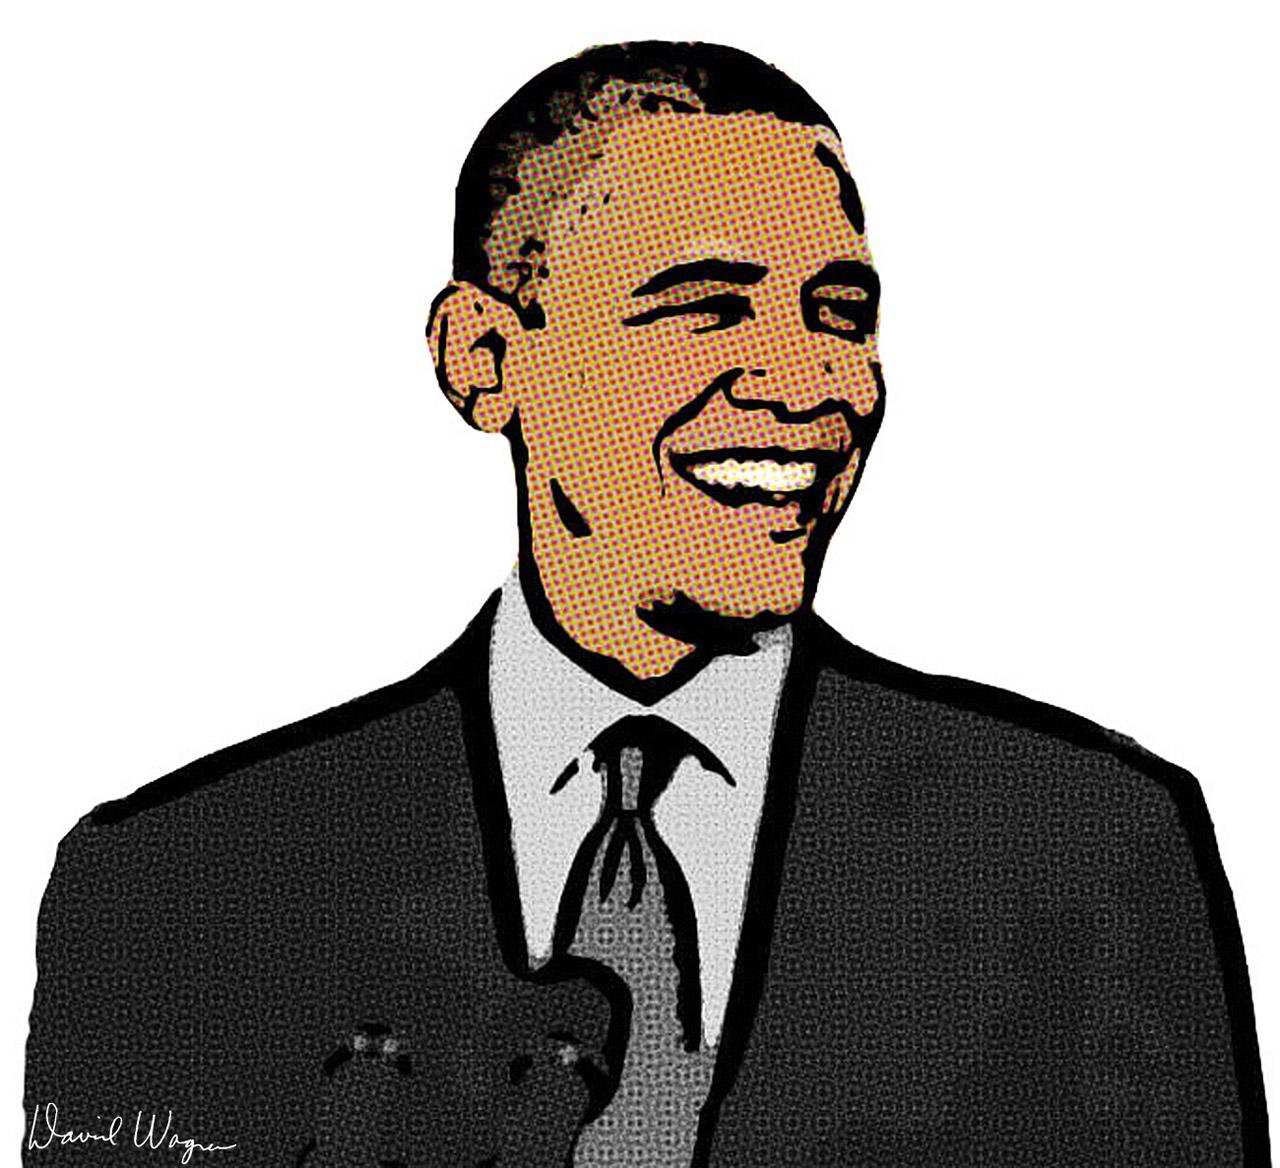 1280x1168 Barack Obama 46 Free Stock Photo